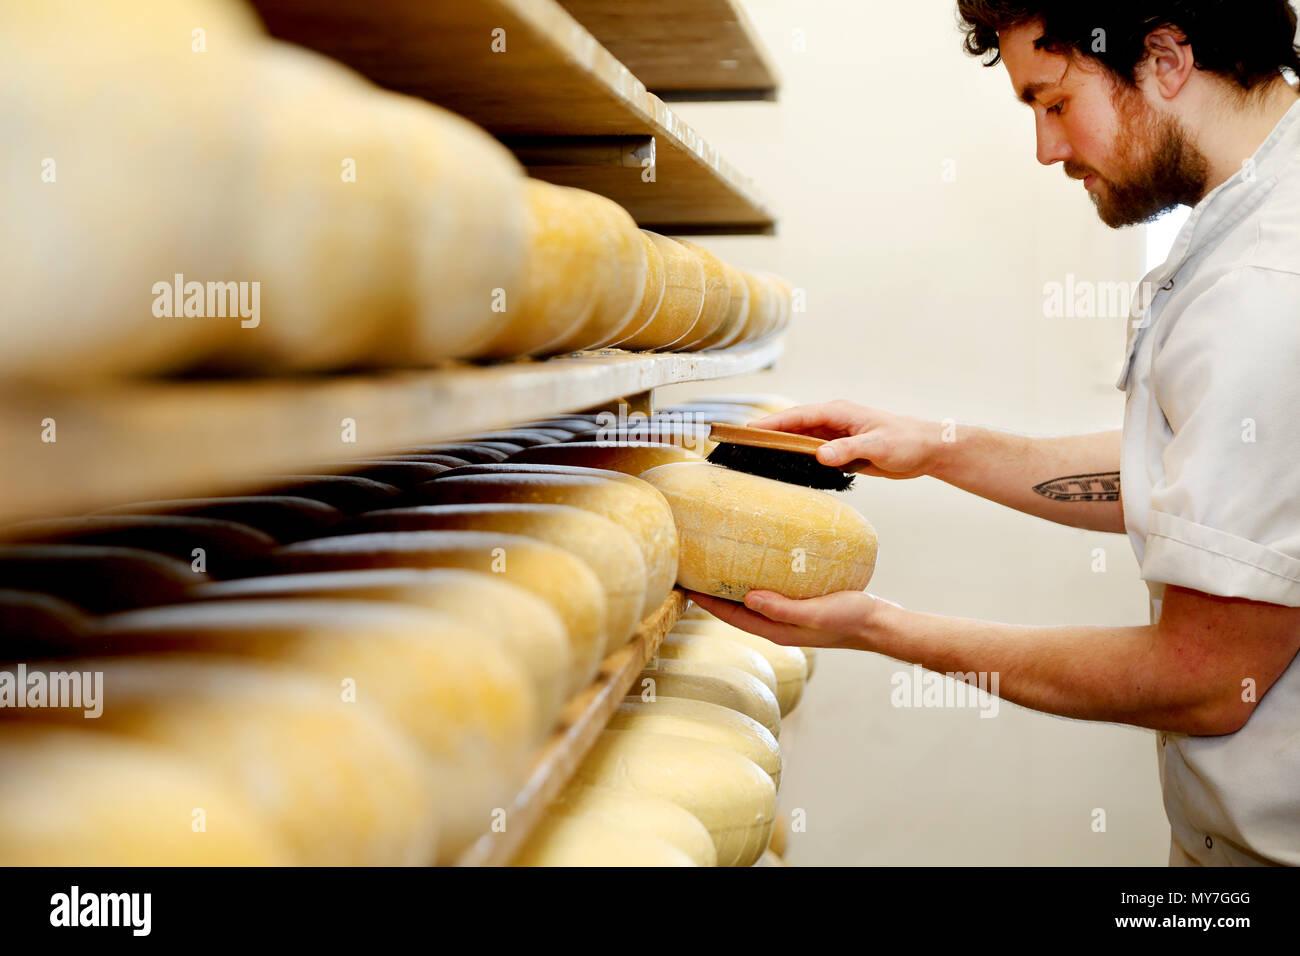 El quesero artesano cepillado fuera del molde quesos duros a mano Imagen De Stock